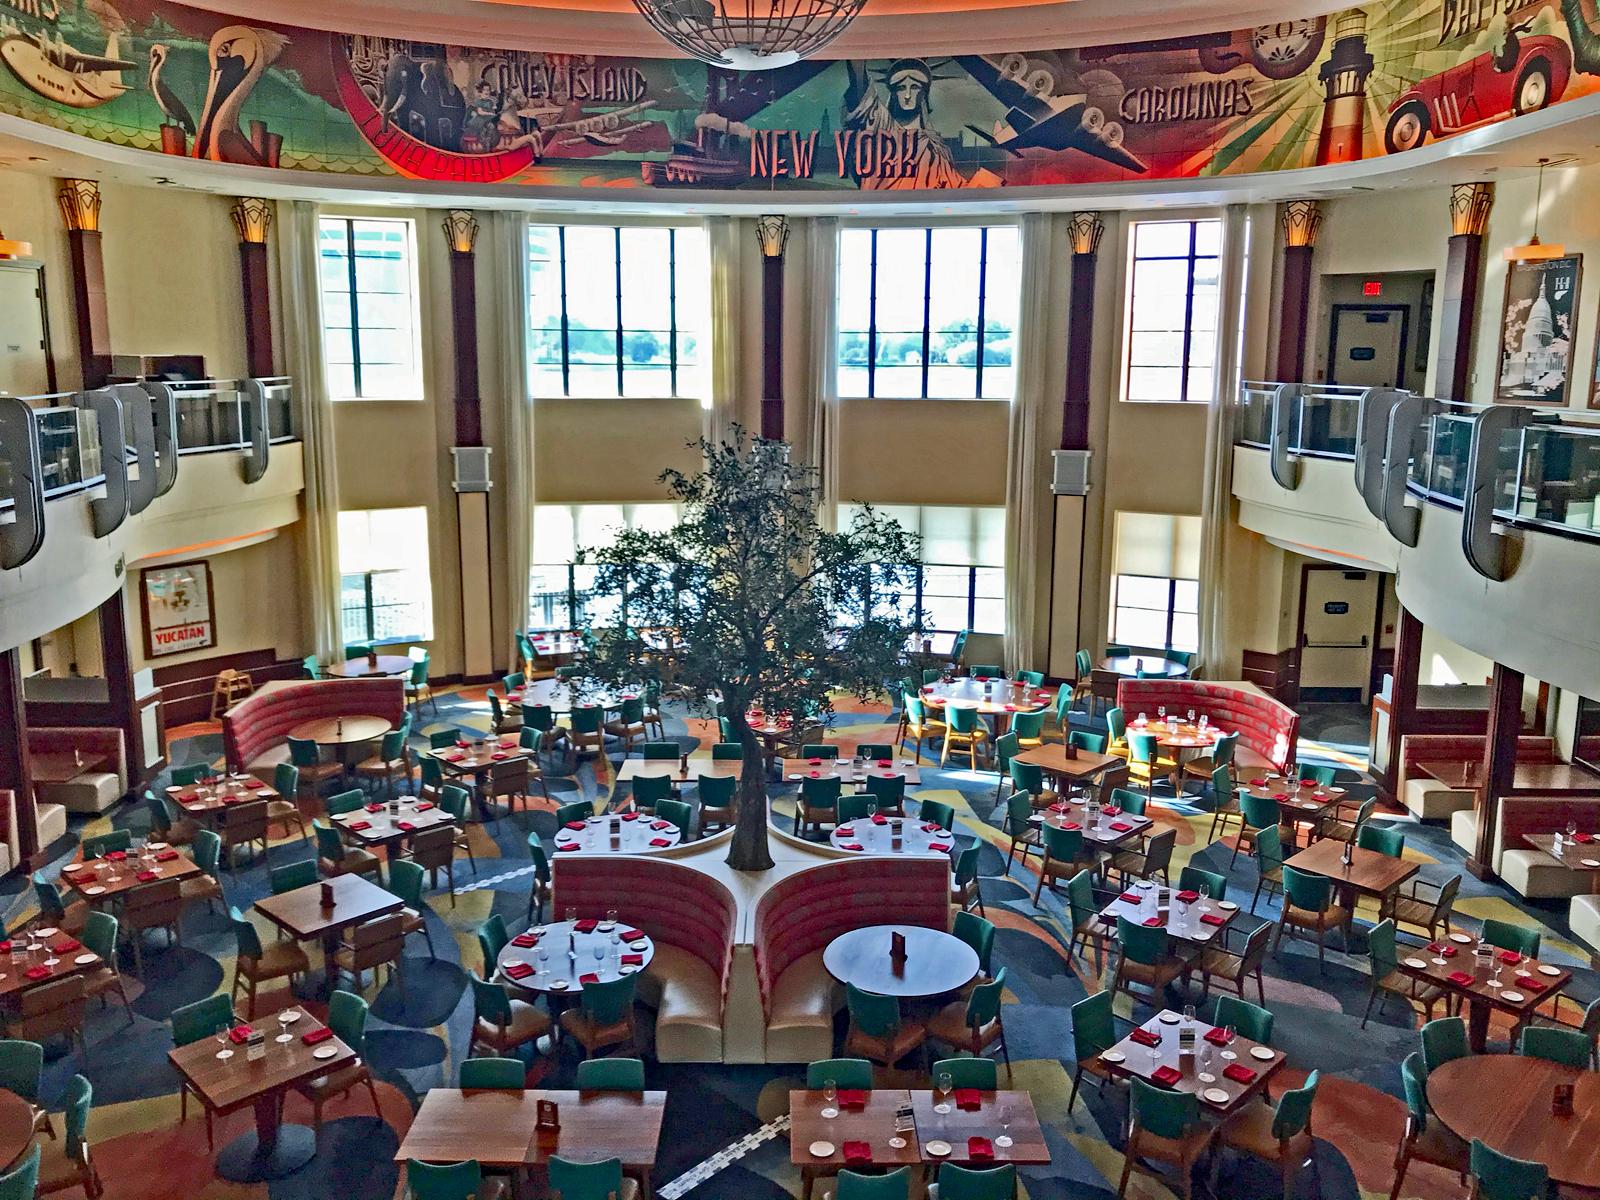 Mouseplanet Walt Disney World Resort Update For September 22 28 2020 By Alan S Dalinka